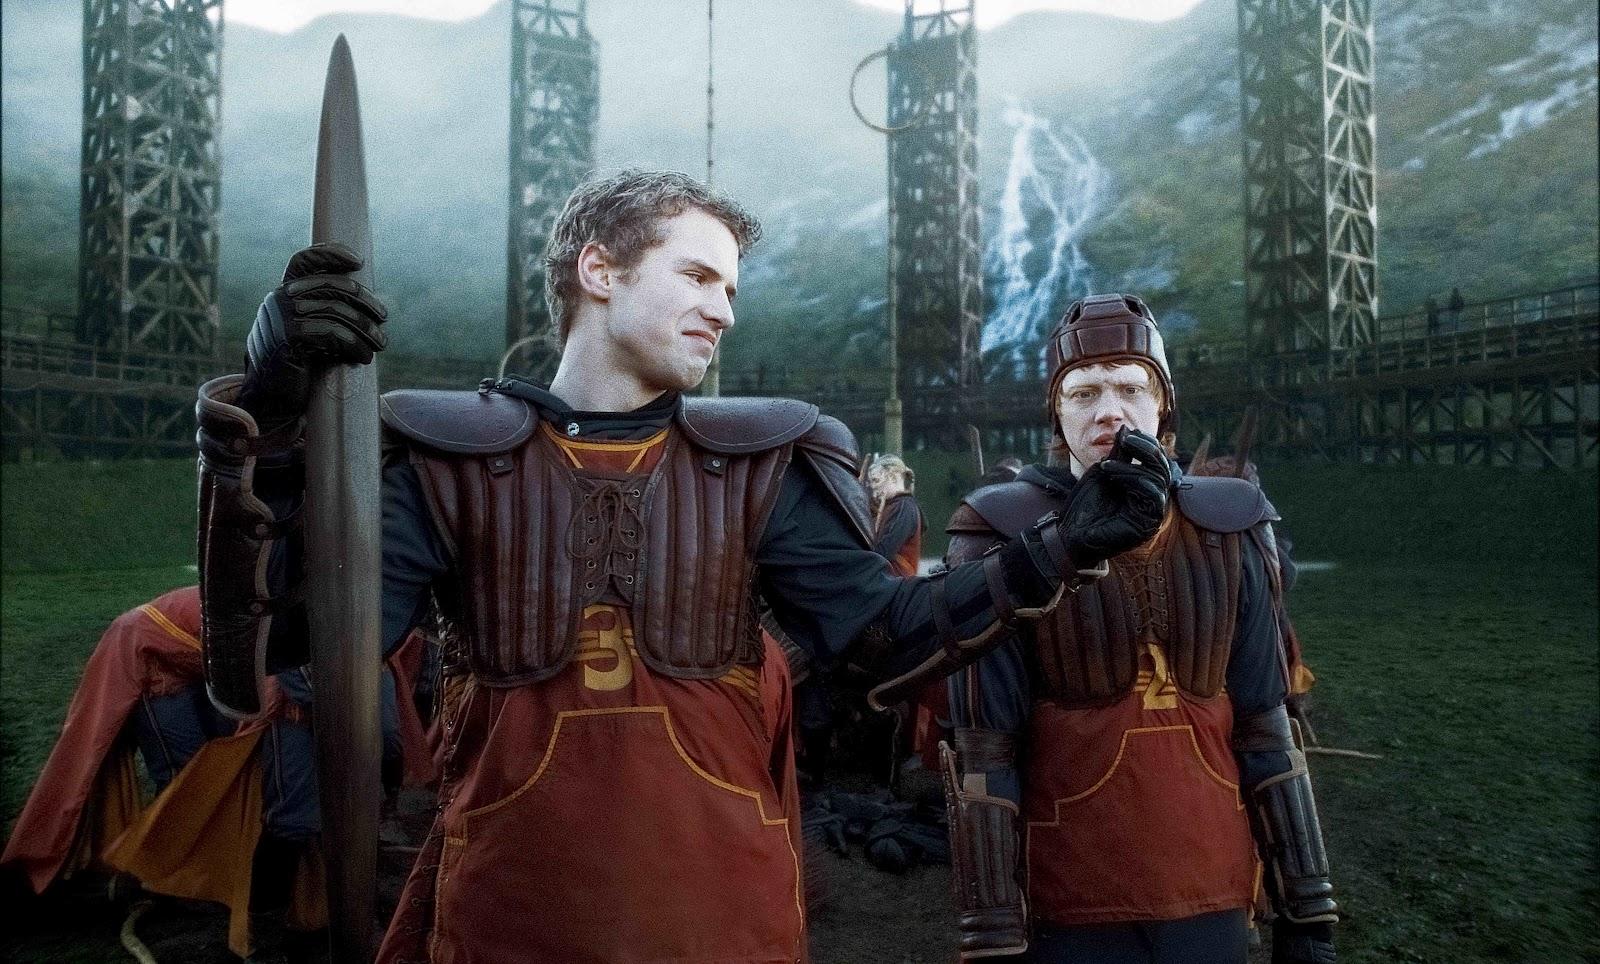 http://2.bp.blogspot.com/-q6b57QJOcnI/T_BsUXi1CyI/AAAAAAAAAo0/TnWW1C1JwmY/s1600/Harry+Potter+6.jpg